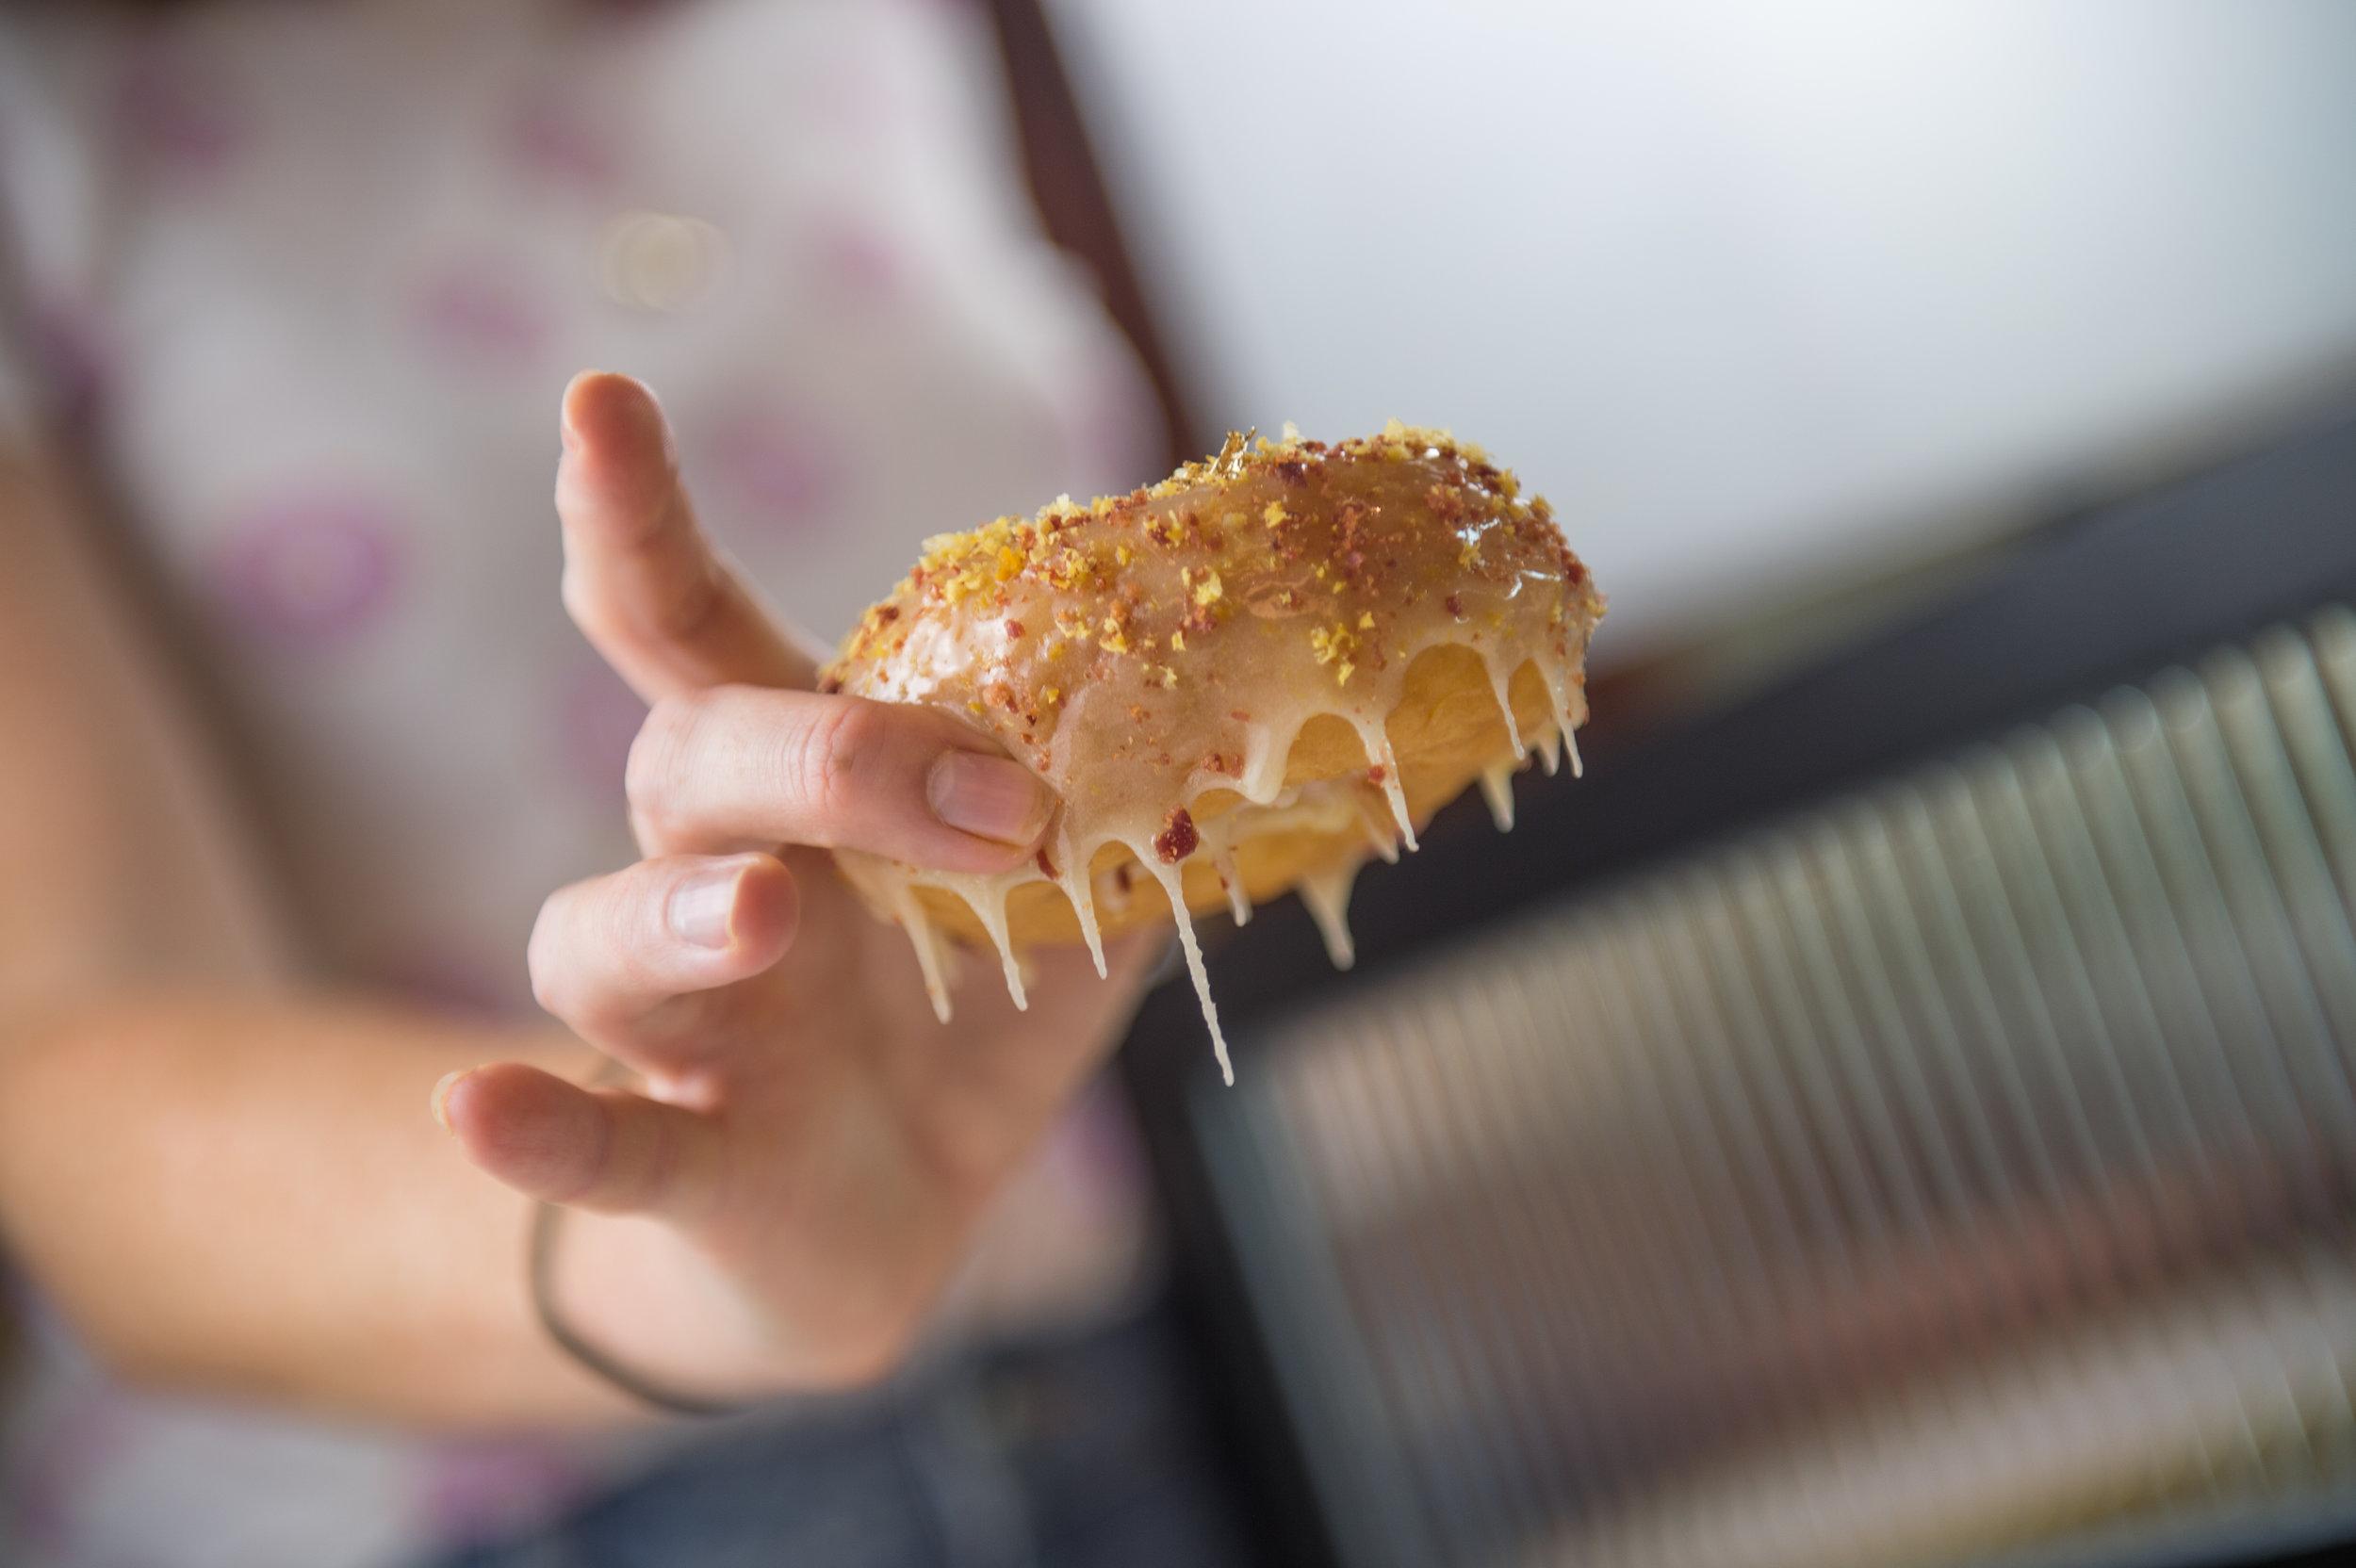 Happy-Ending-Donuts-6.jpg